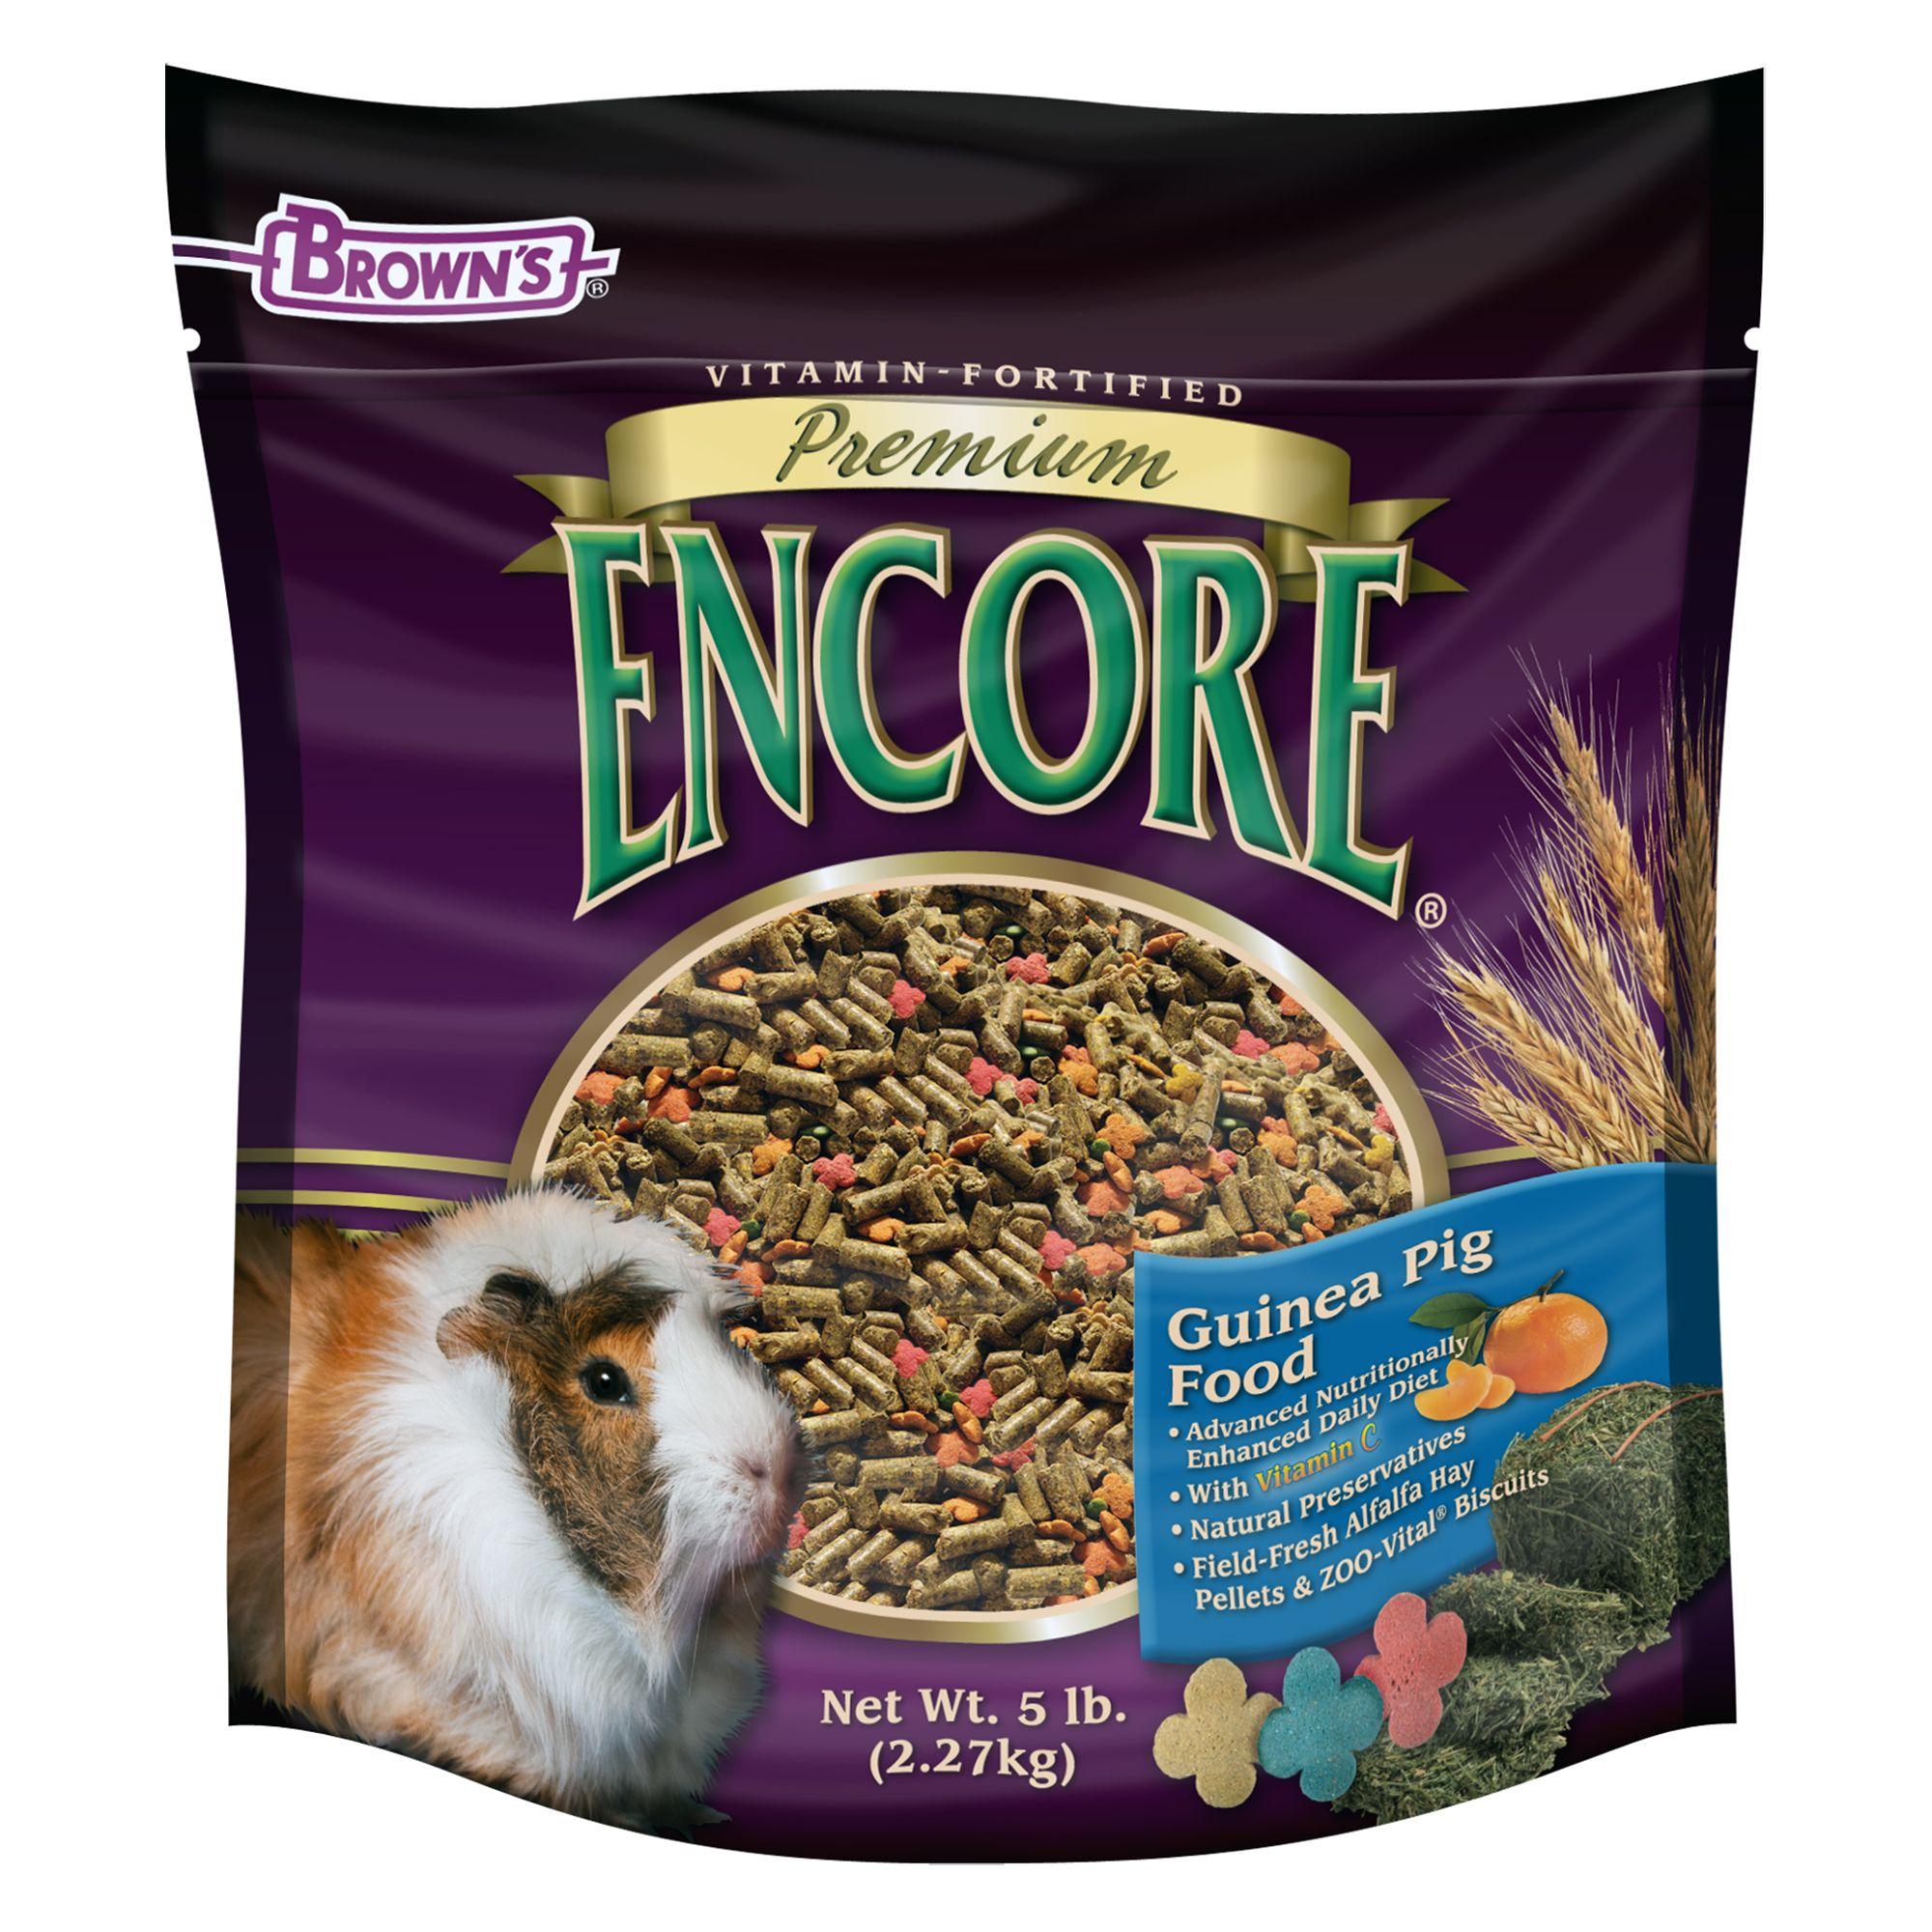 Browns Encore Premium Guinea Pig Food Size 5 Lb Fm Browns